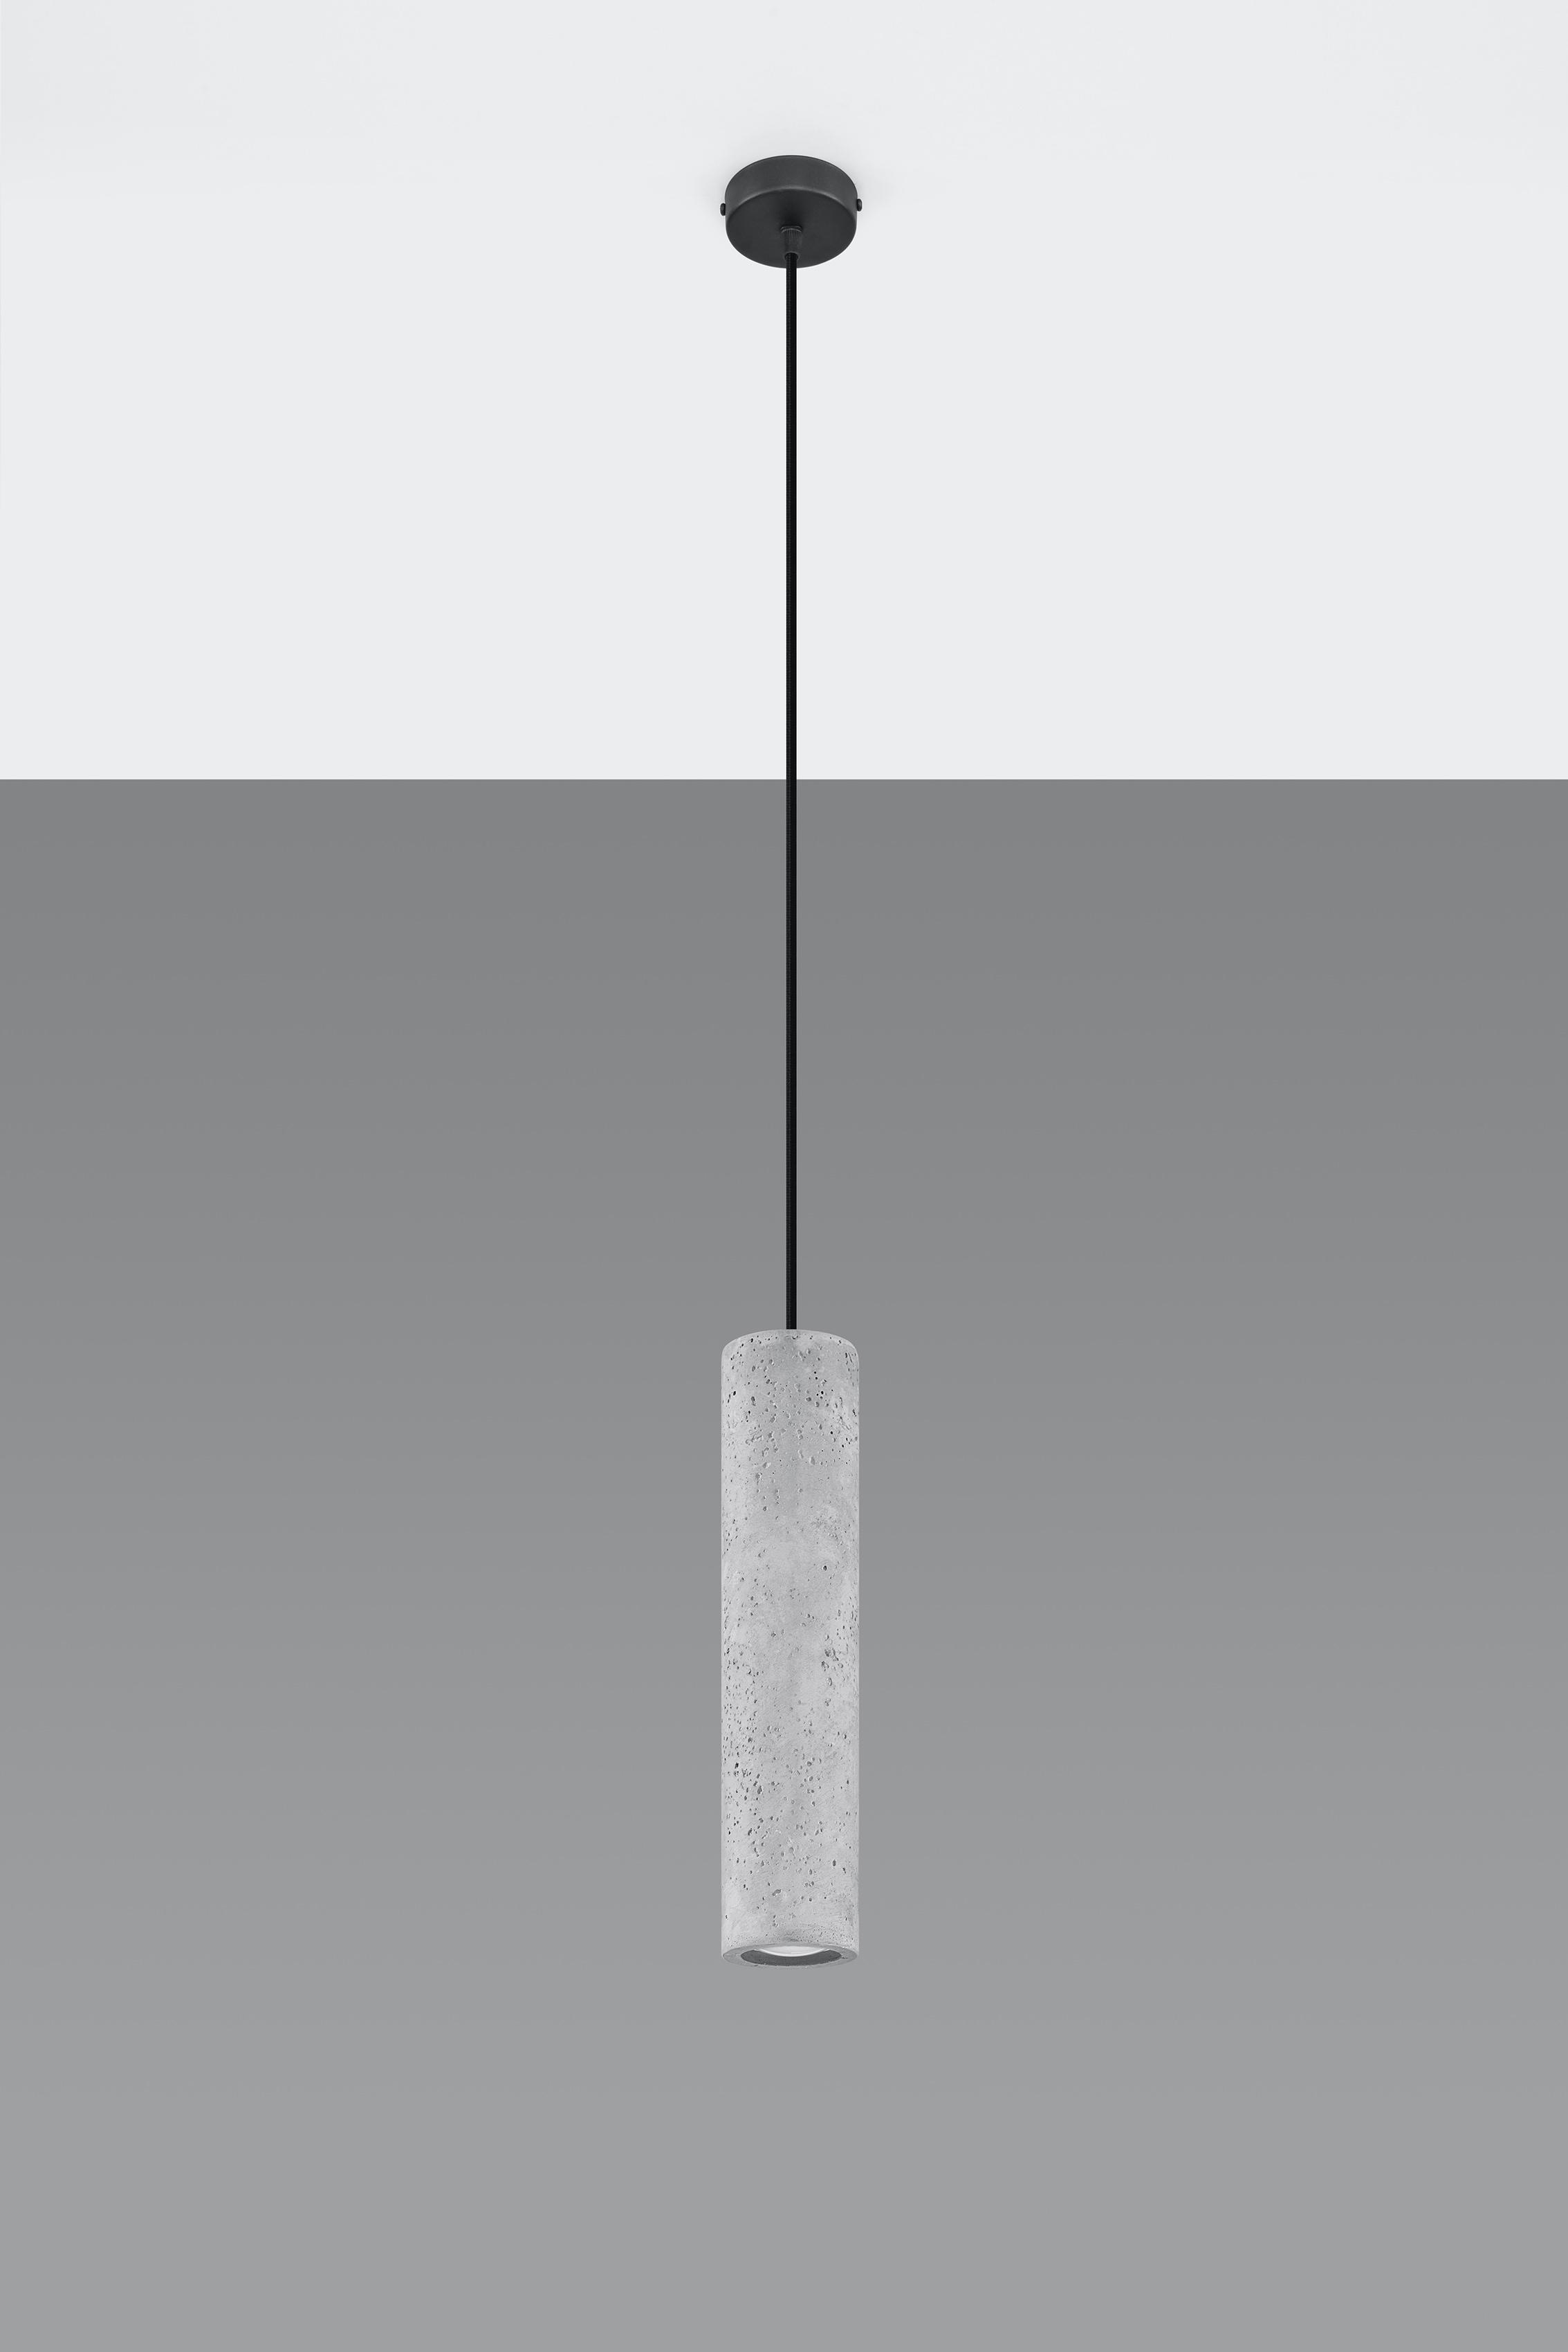 SOLLUX lighting Pendelleuchte LUVO, GU10, 1 St., Hängeleuchte, Hängelampe